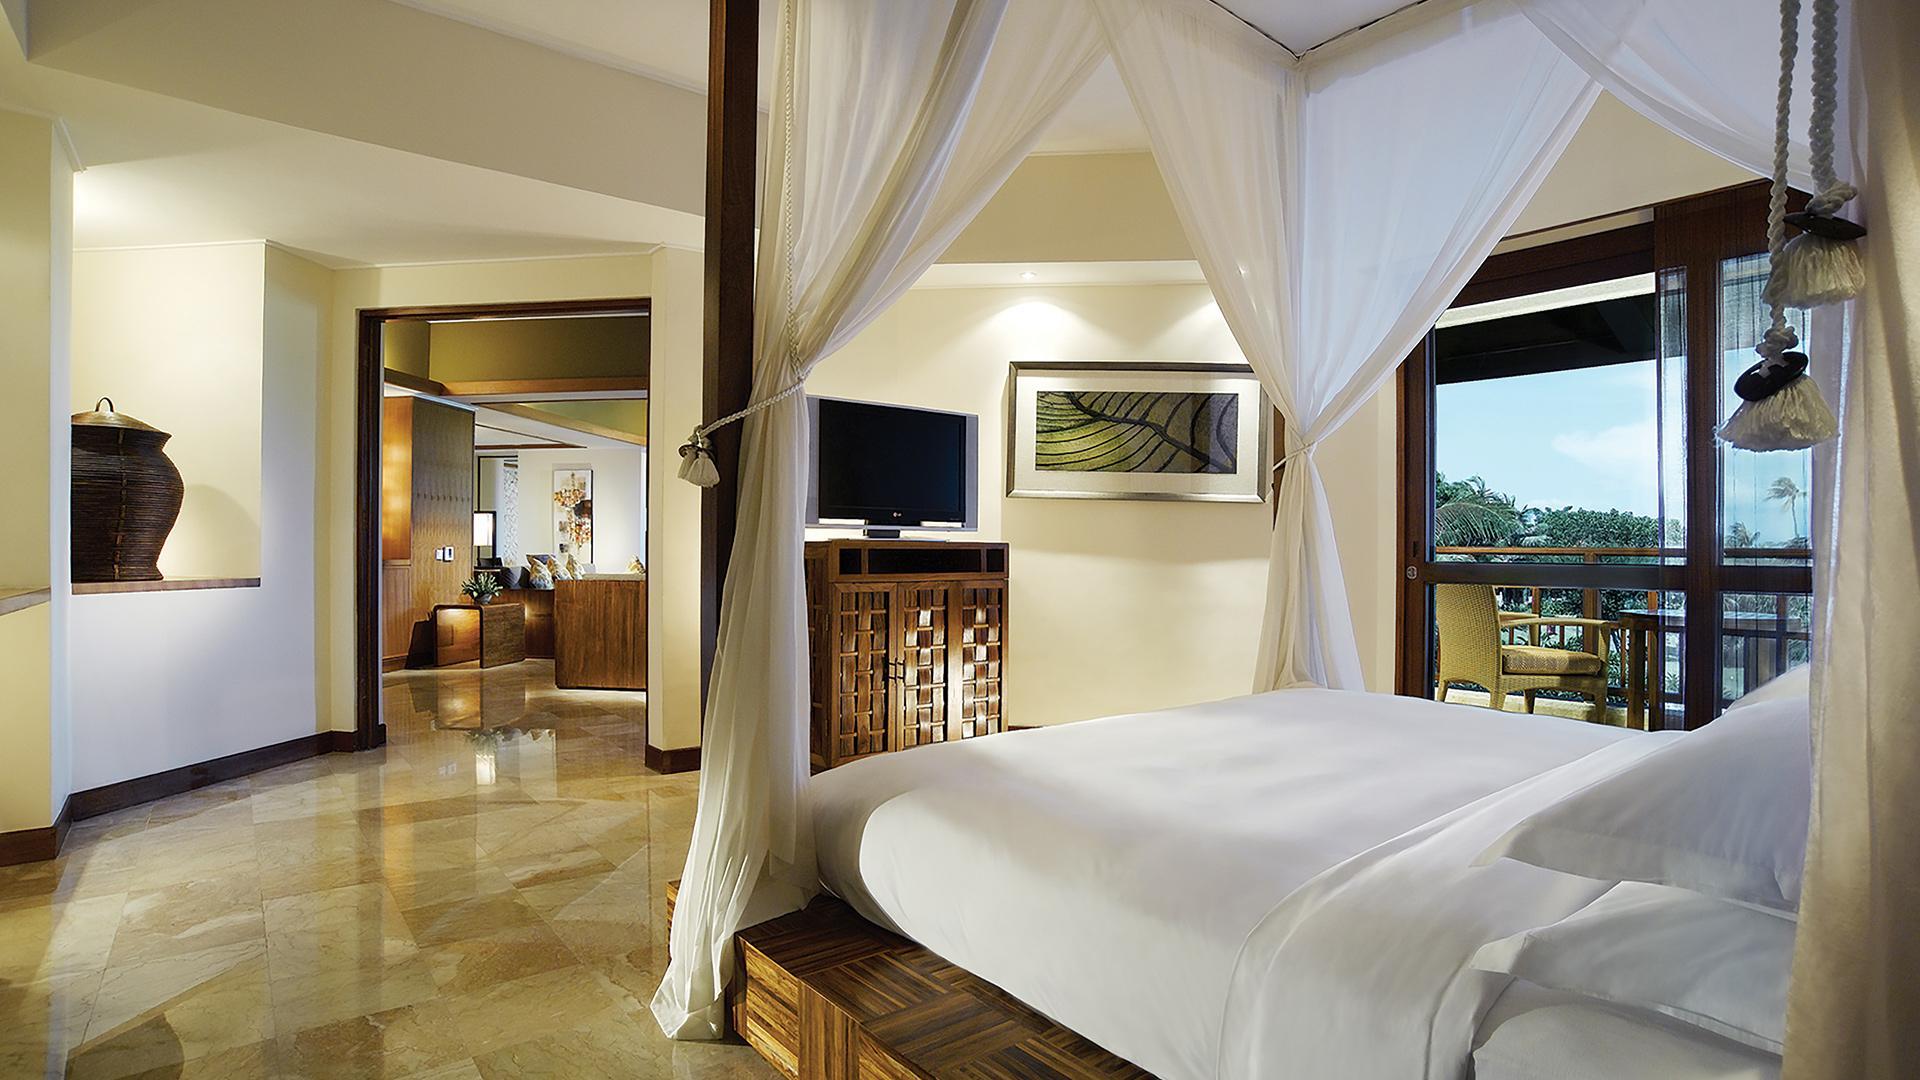 Grand Executive Suite Club Access image 1 at Grand Hyatt Bali by Kabupaten Badung, Bali, Indonesia